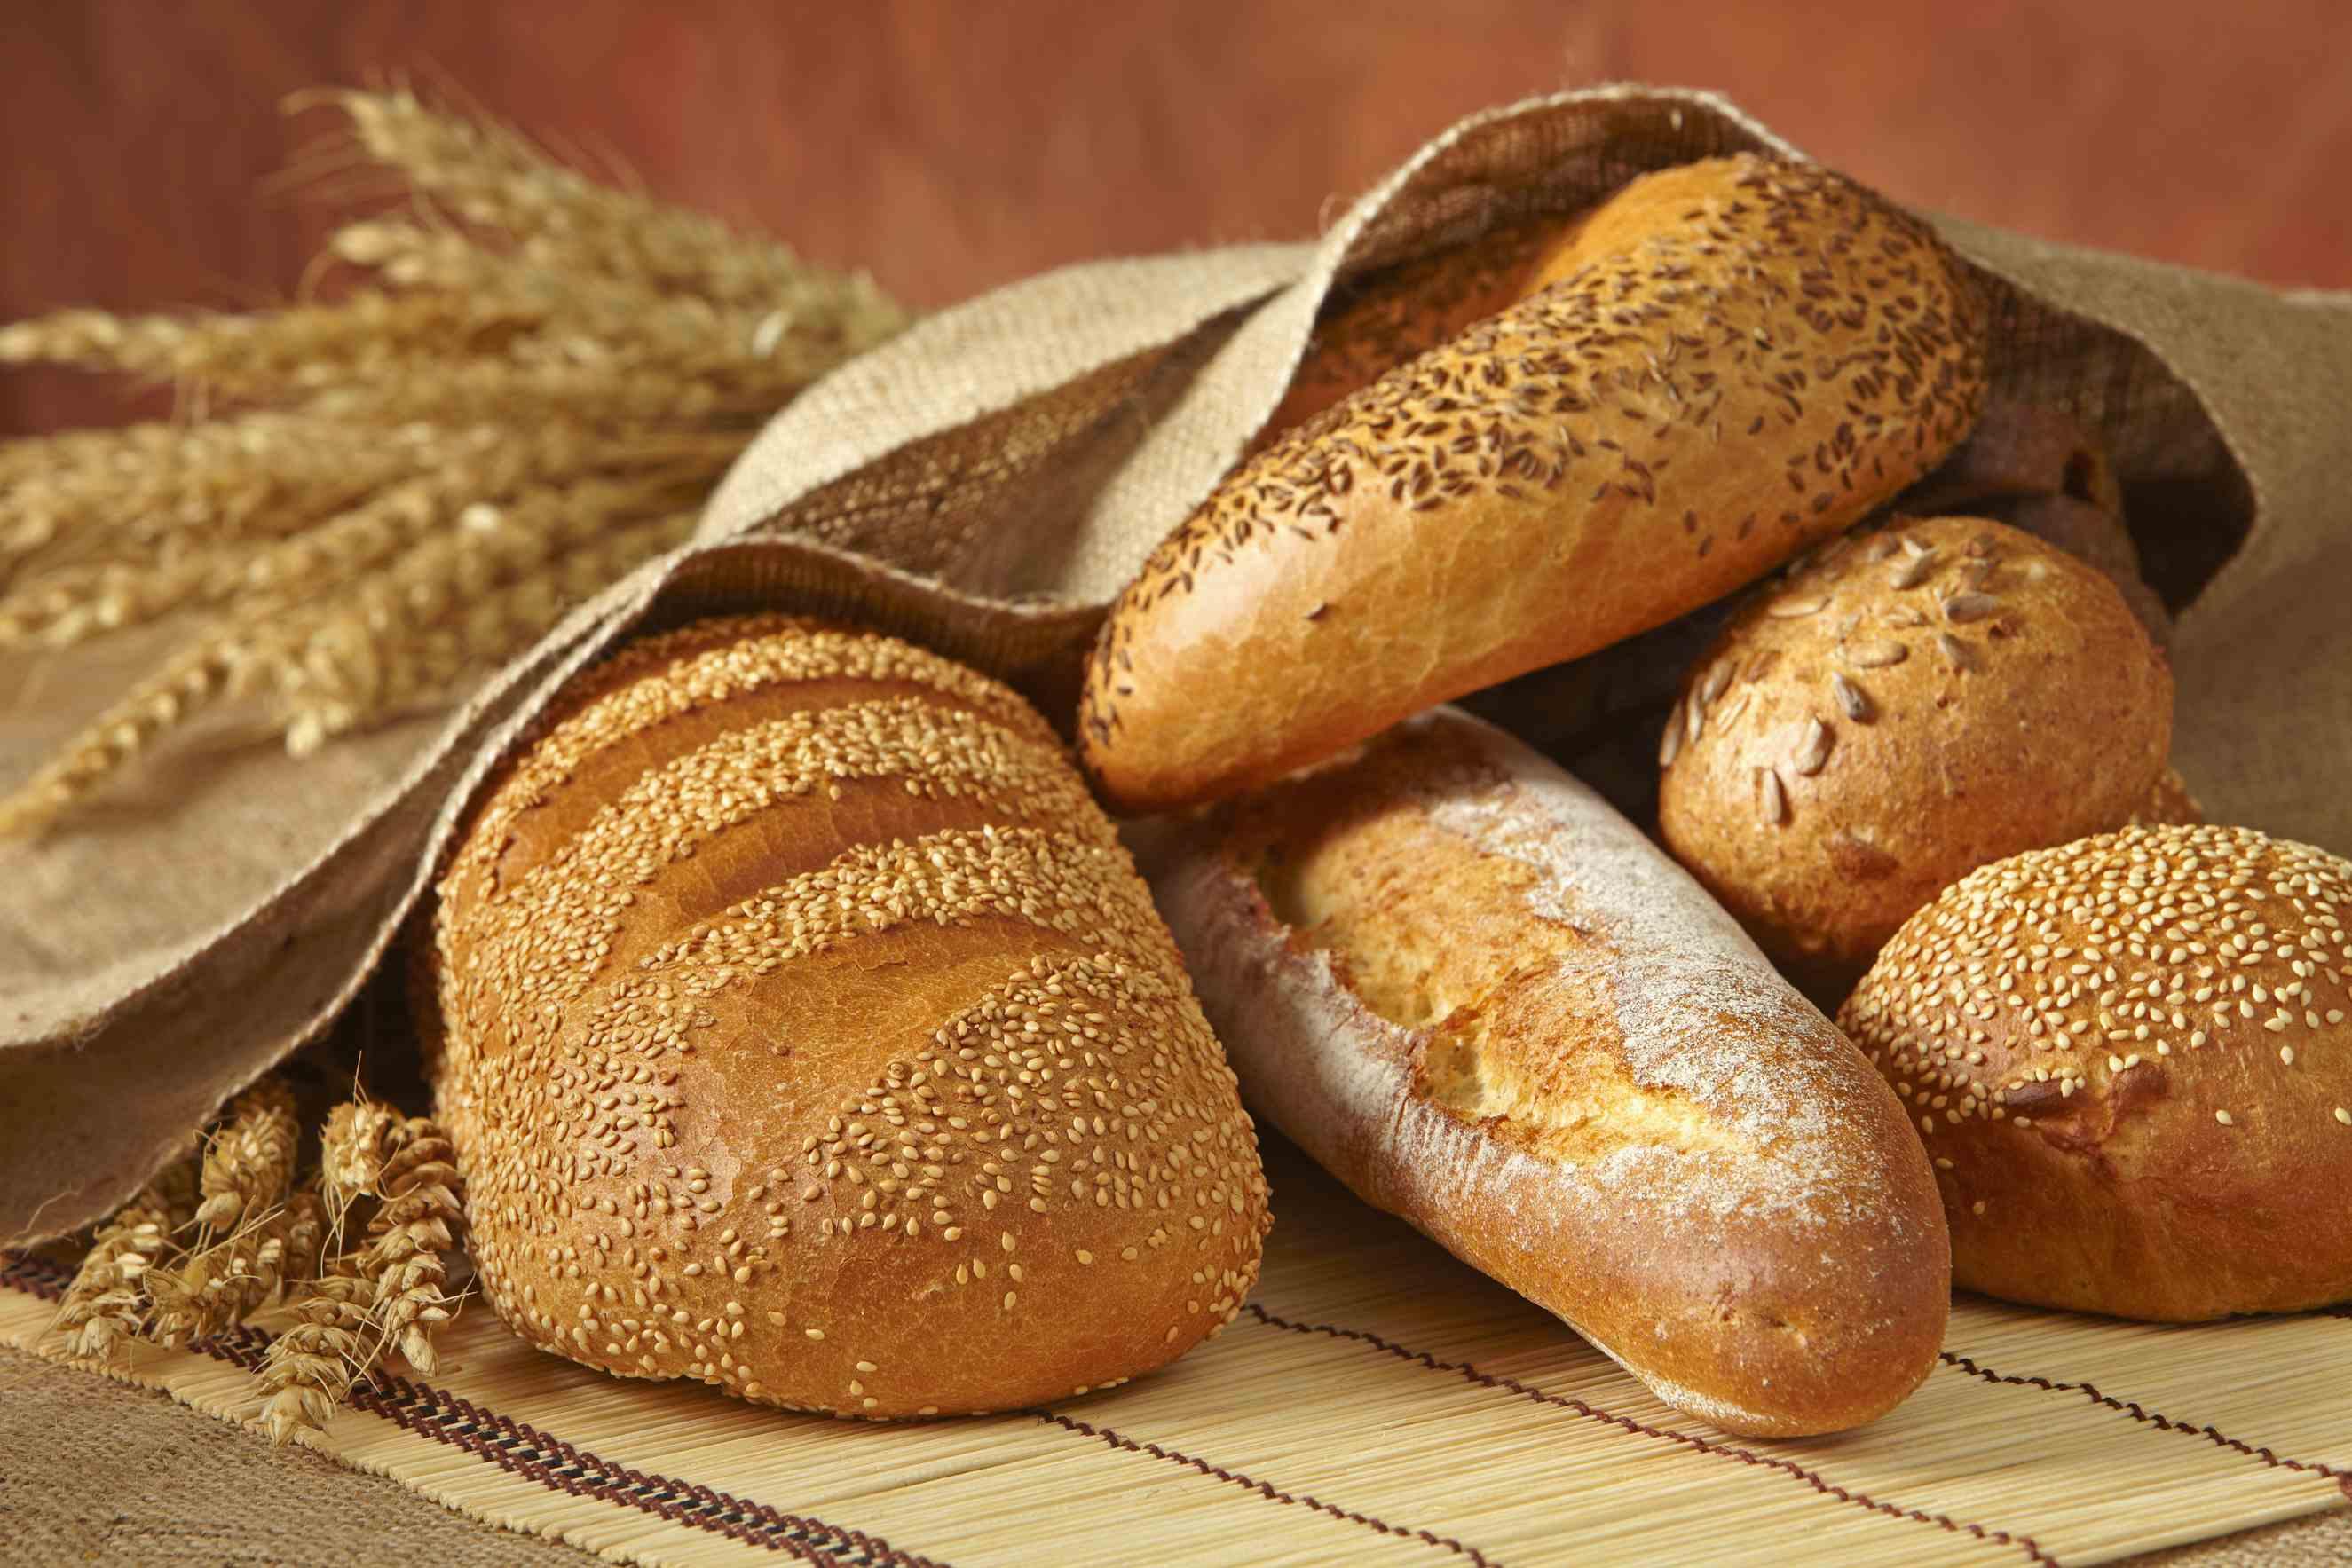 Kepek Ekmeğinin Faydaları ve Zararları